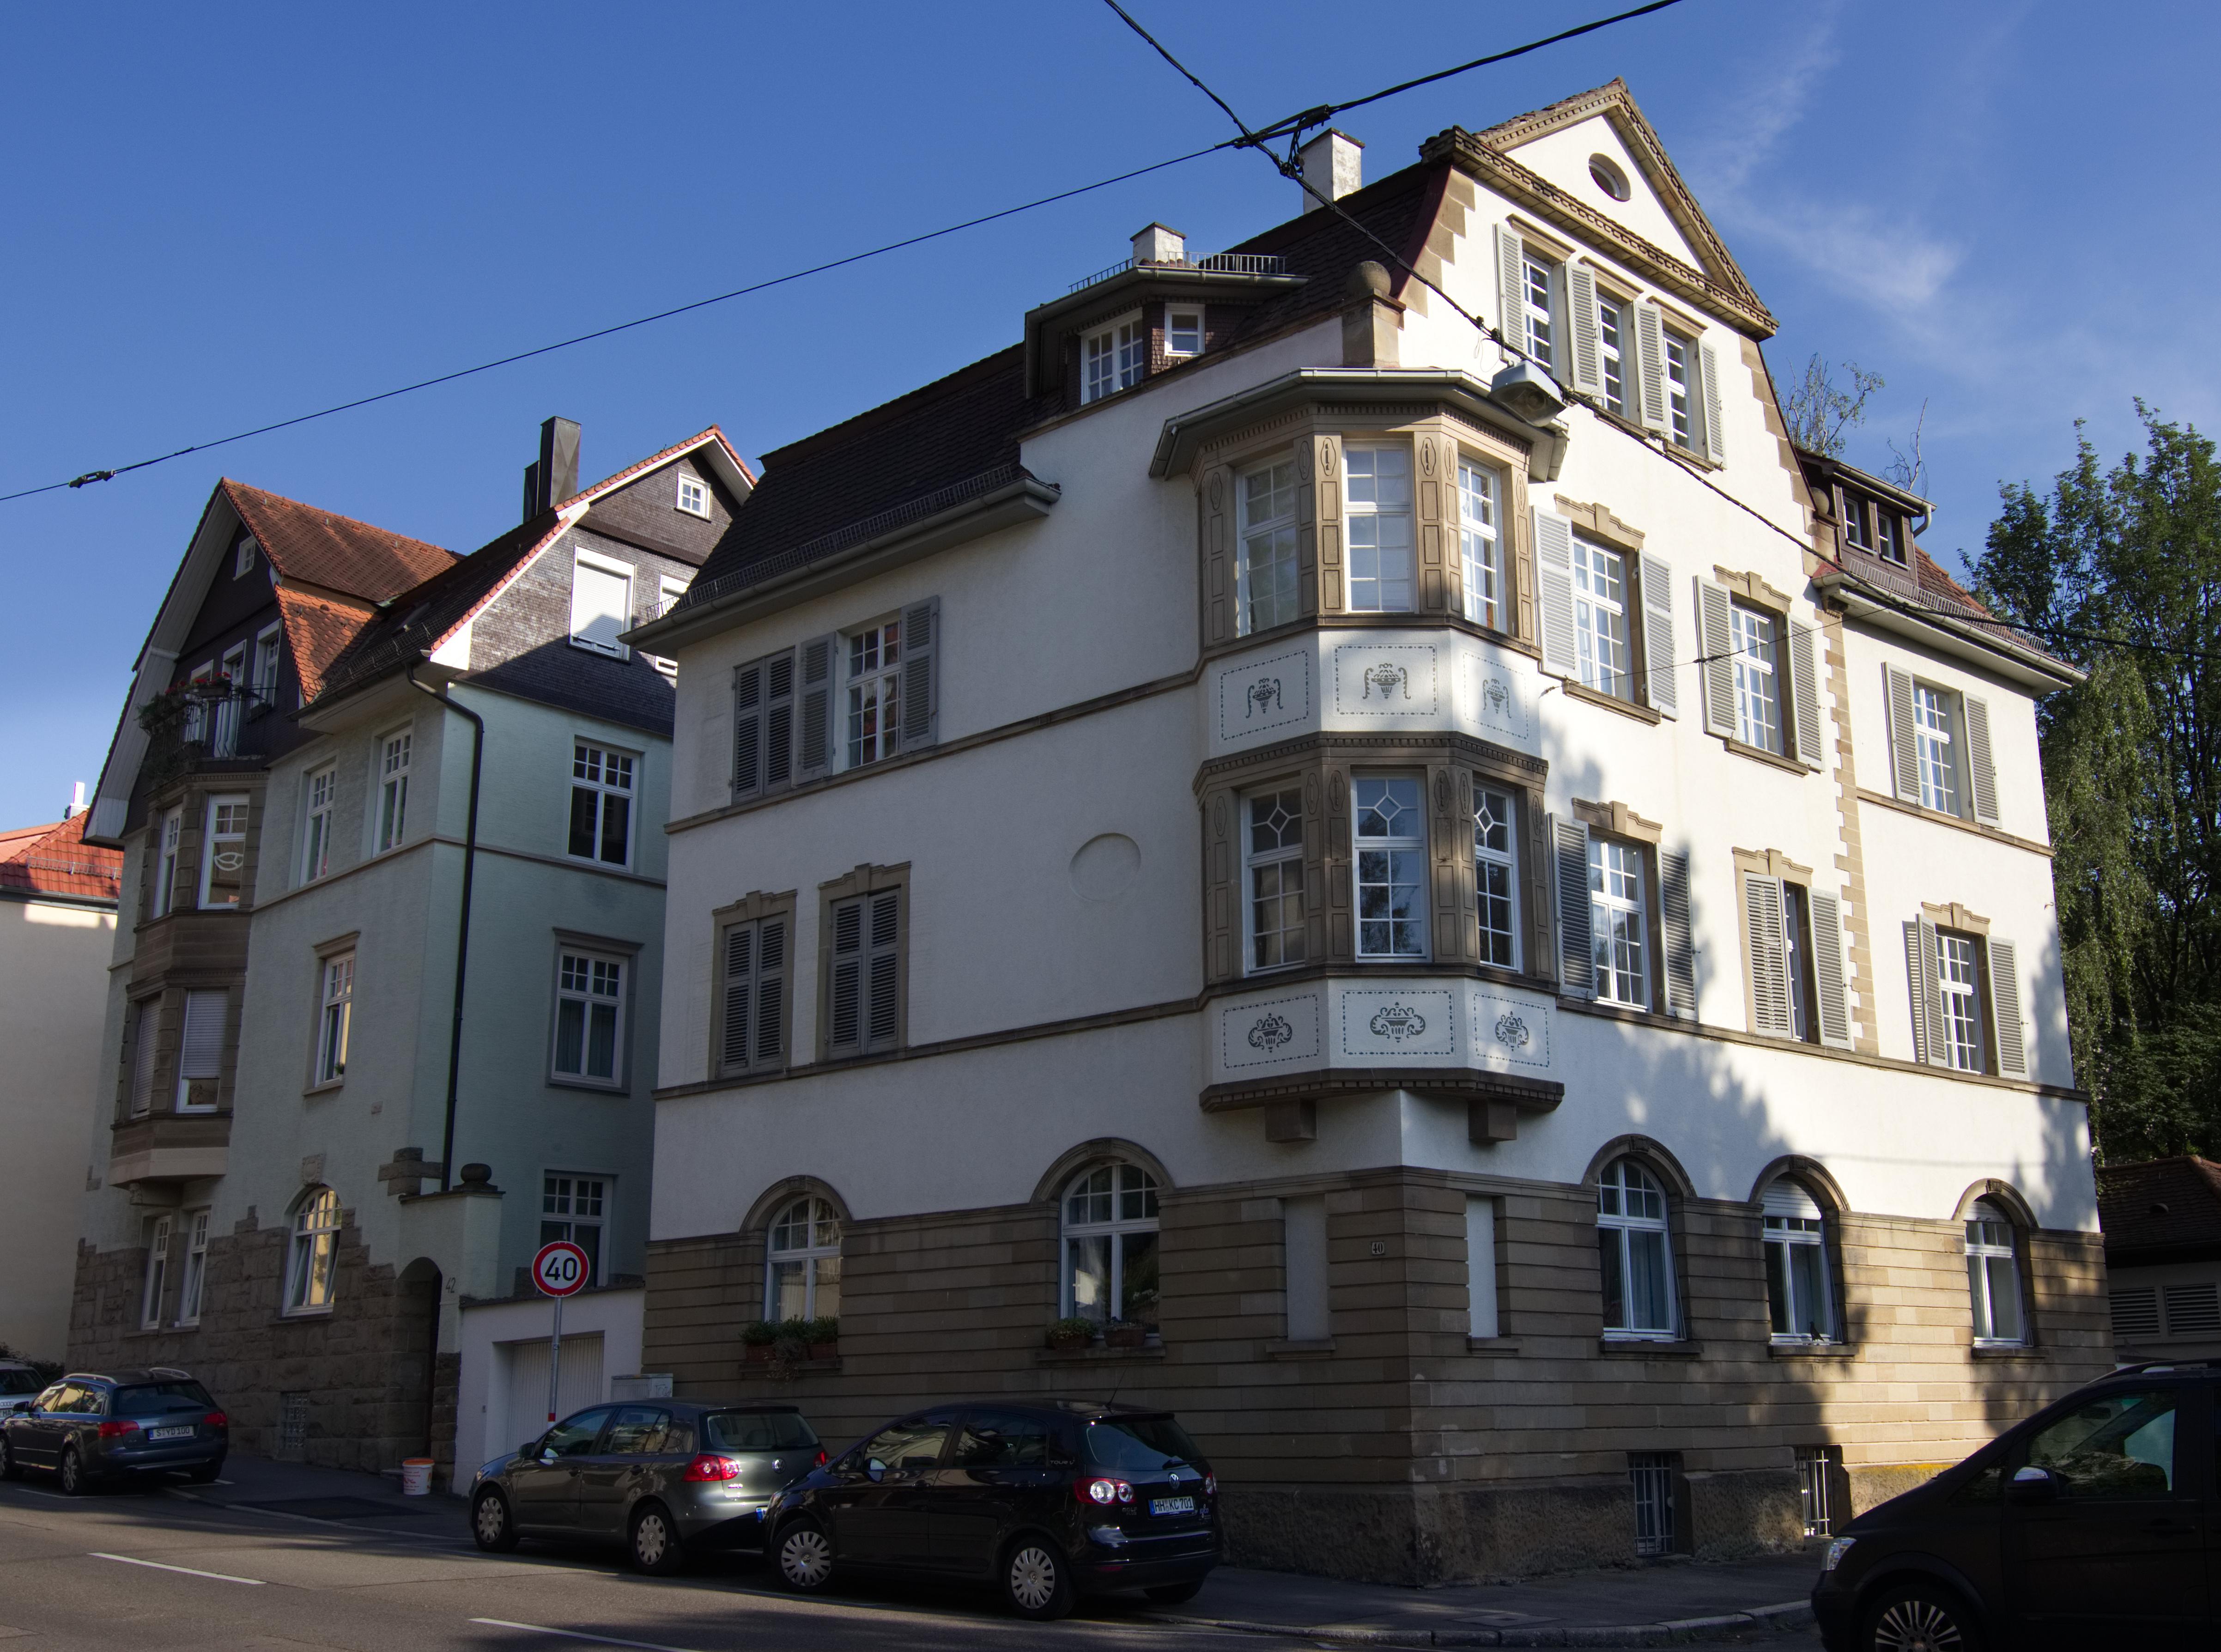 Bauunternehmer Stuttgart file 20170706 stuttgart sonnenbergstraße 40 42 jpg wikimedia